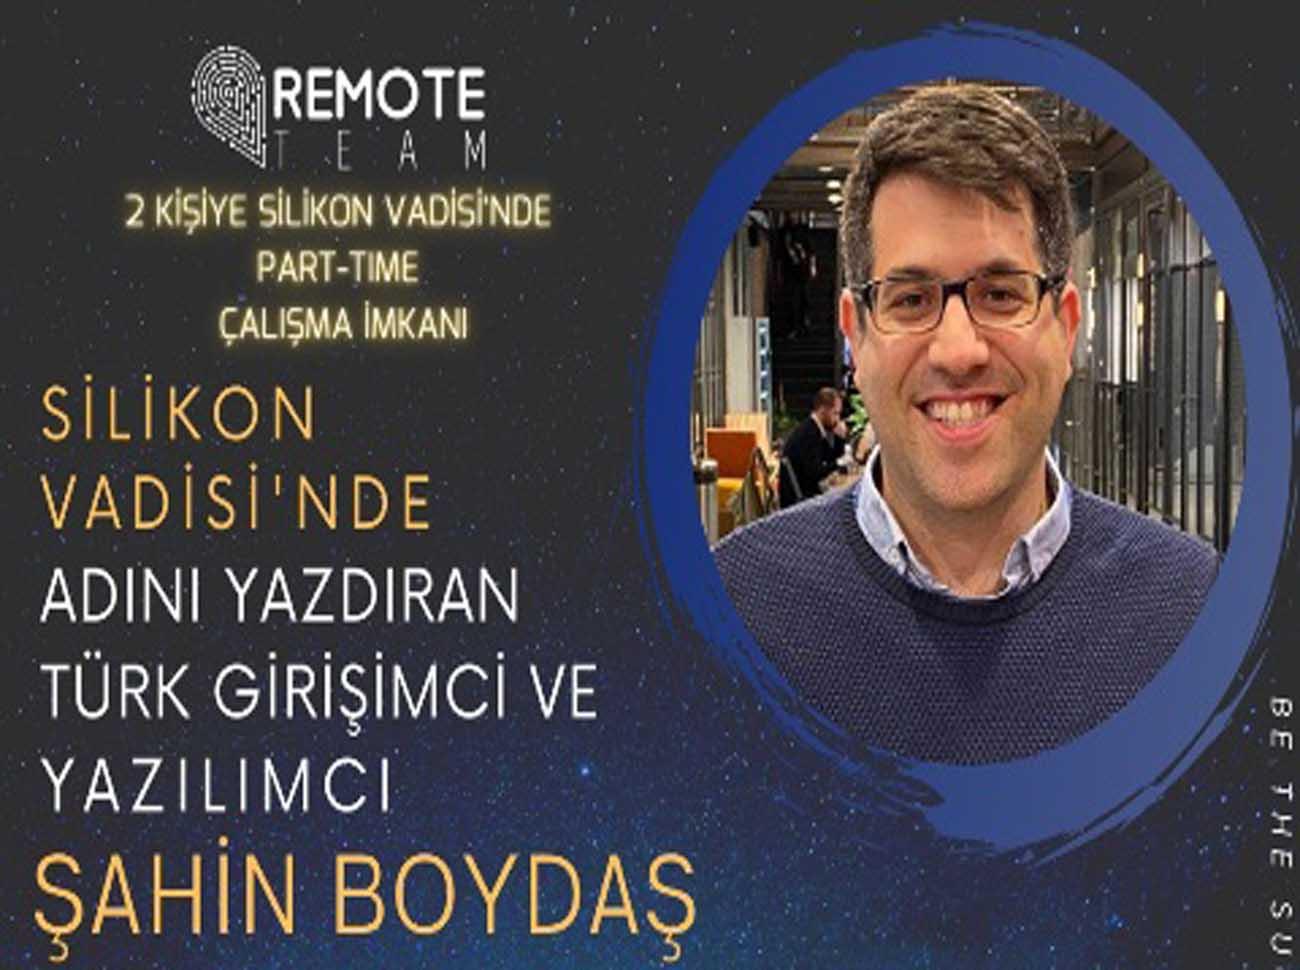 Silikon Vadisi'ne Adını Yazdıran Türk Girişimci Softwebinar Etkinliğinde